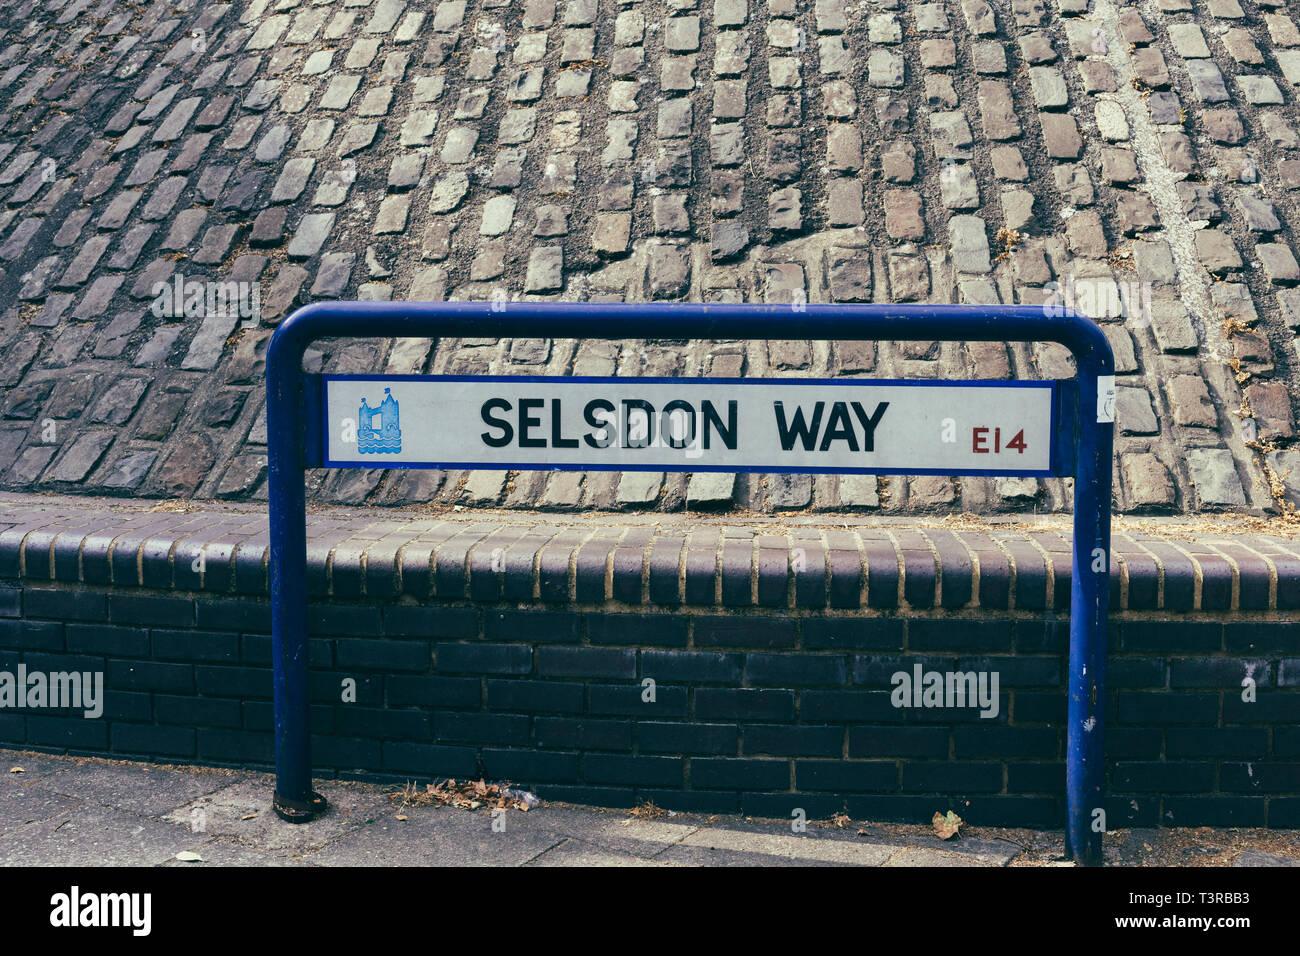 Londres, Reino Unido - 23 de julio de 2018: Selsdon forma cartel con el nombre de la calle, el distrito londinense de Tower Hamlets, REINO UNIDO Foto de stock